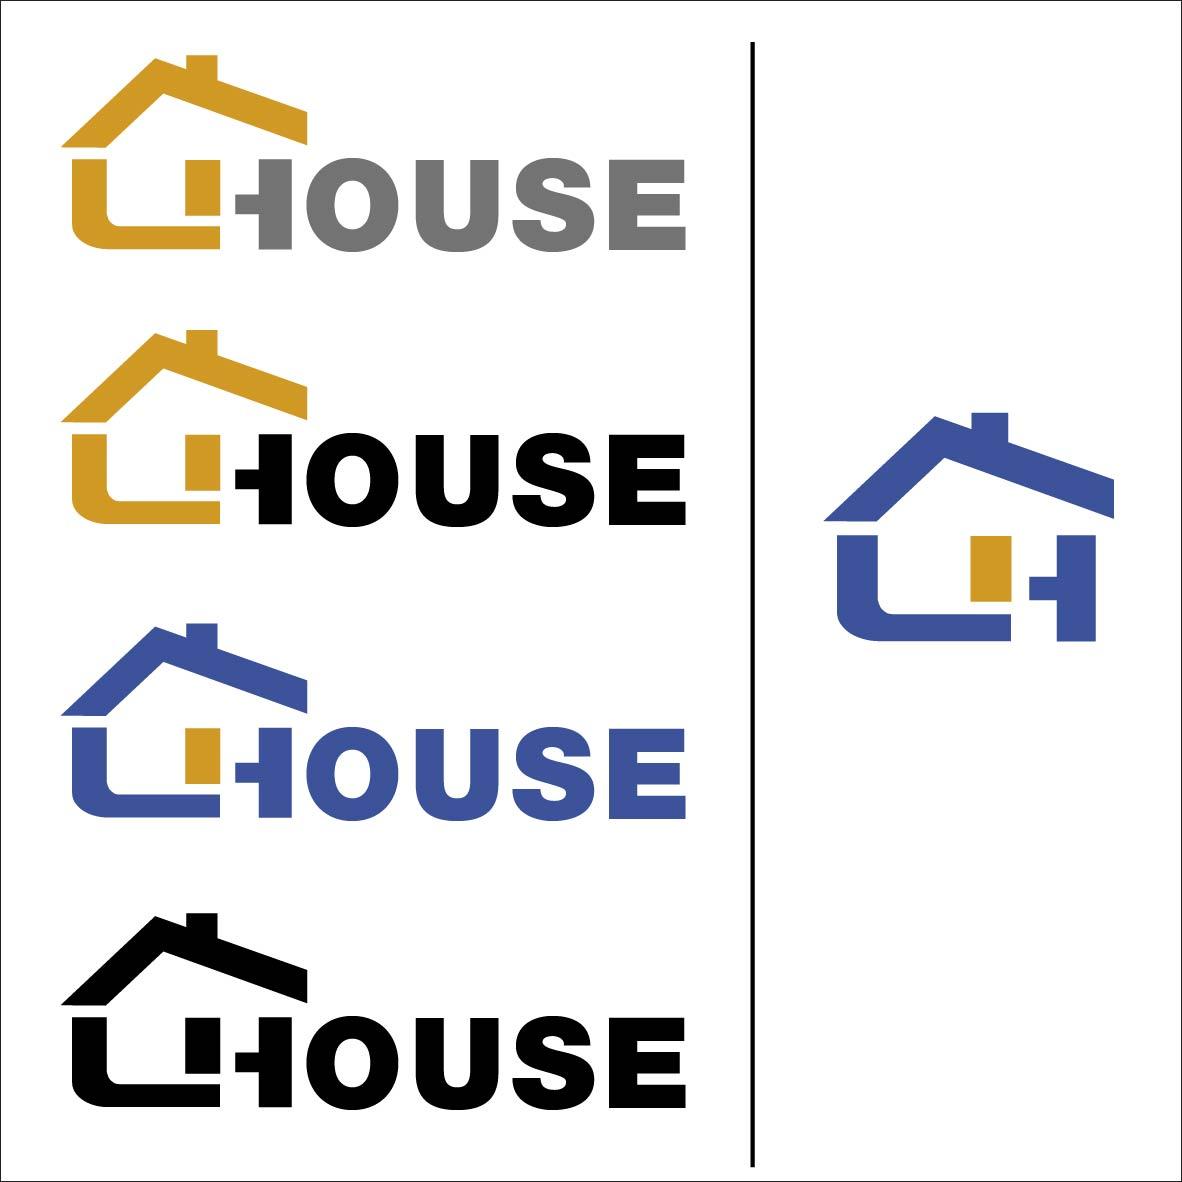 Создаем Лого для Интерьер портала фото f_47651501beeef1c5.jpg